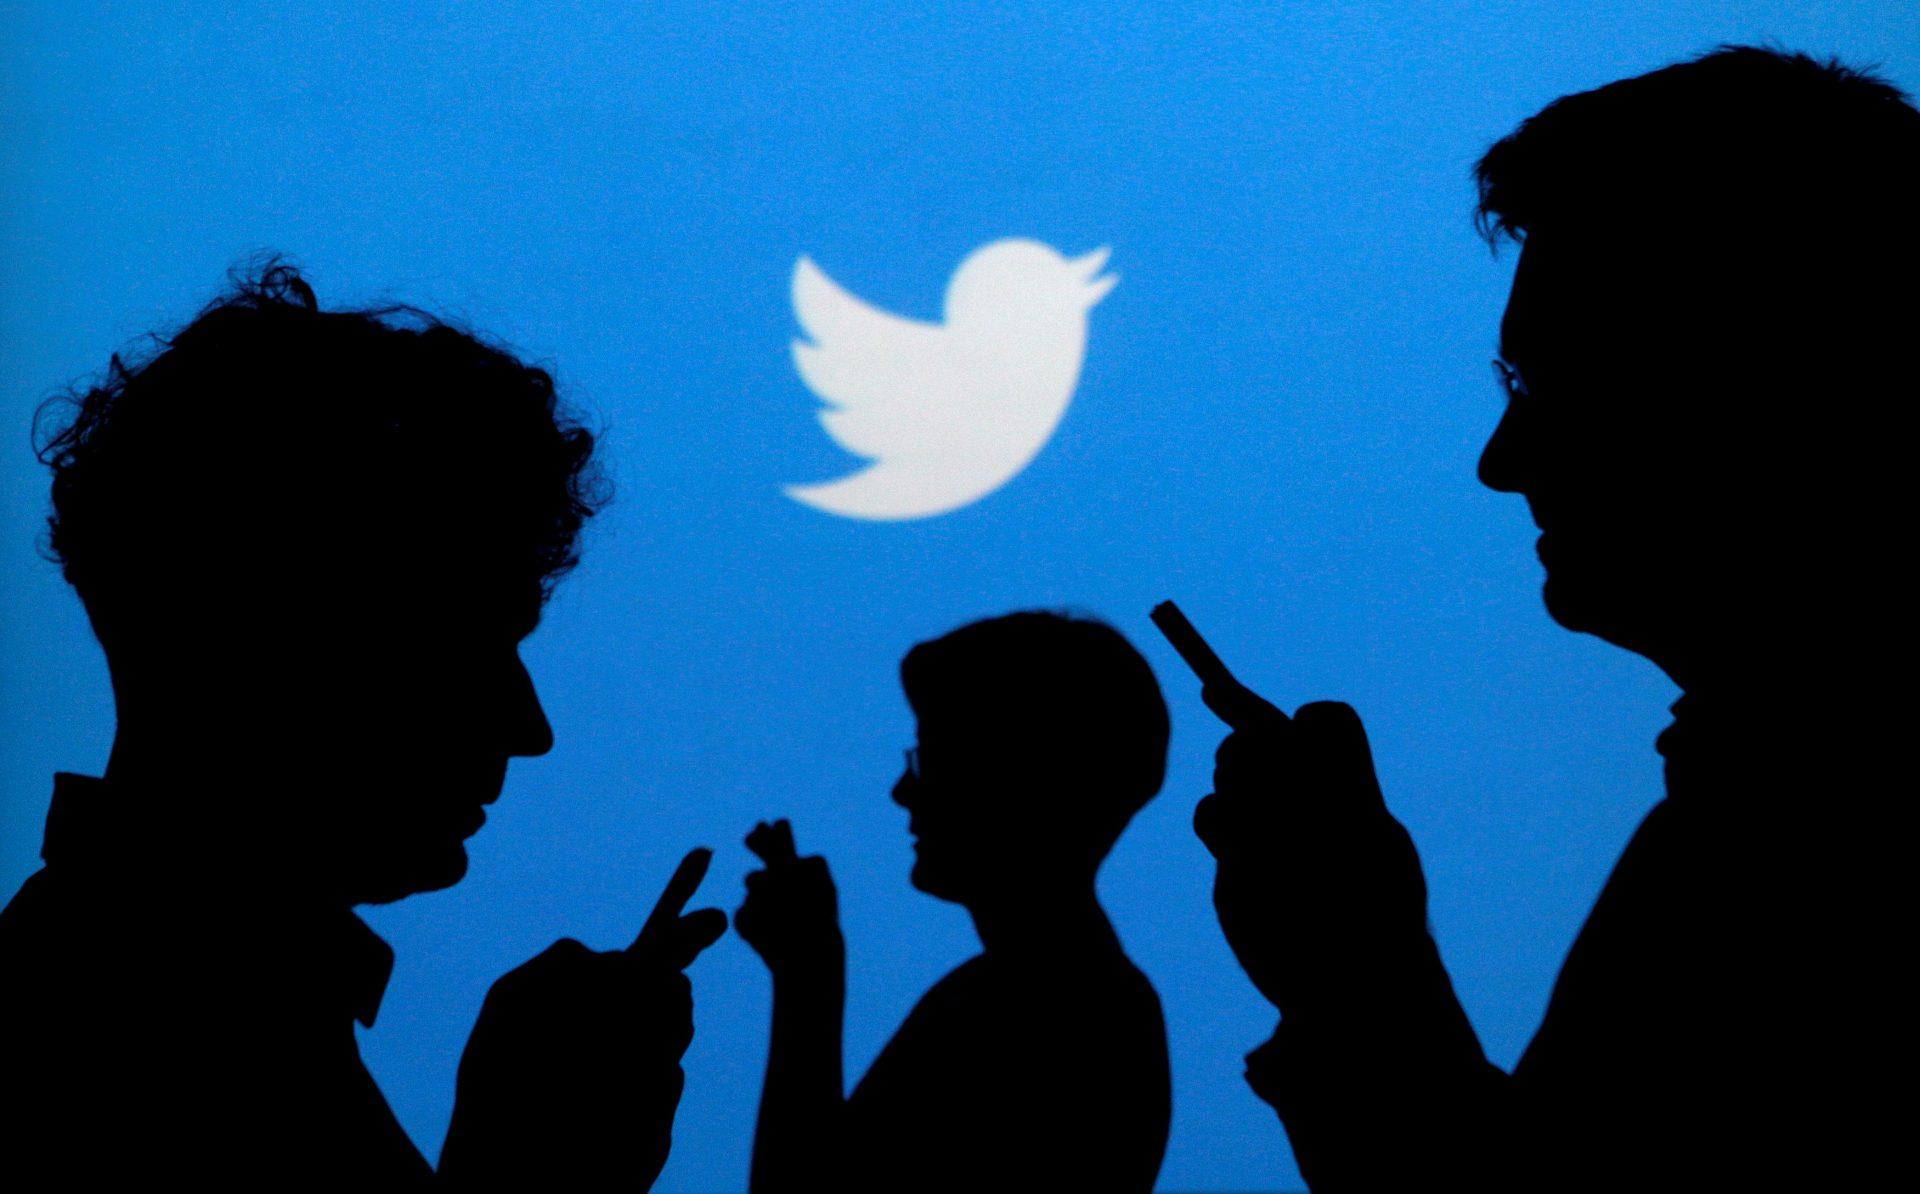 Algoritmul Twitter de afișare a previzualizărilor, investigat de companie pentru bias rasial